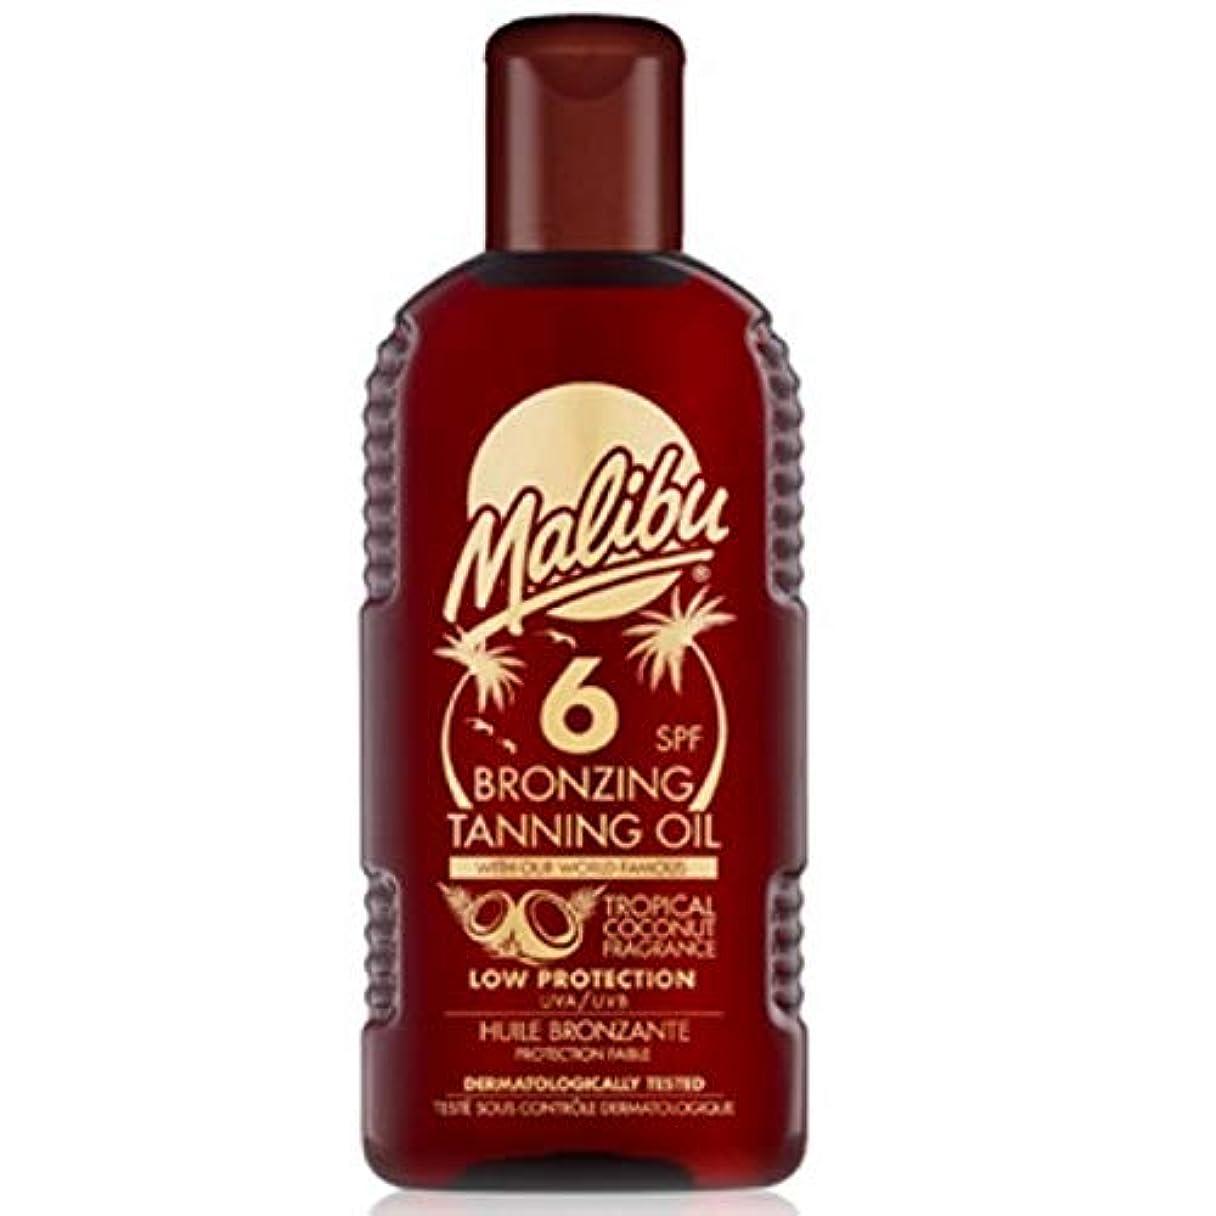 エージェント検索エンジン最適化結紮[Malibu ] マリブブロンズ日焼けオイルSp6 - Malibu Bronzing Tanning Oil Sp6 [並行輸入品]